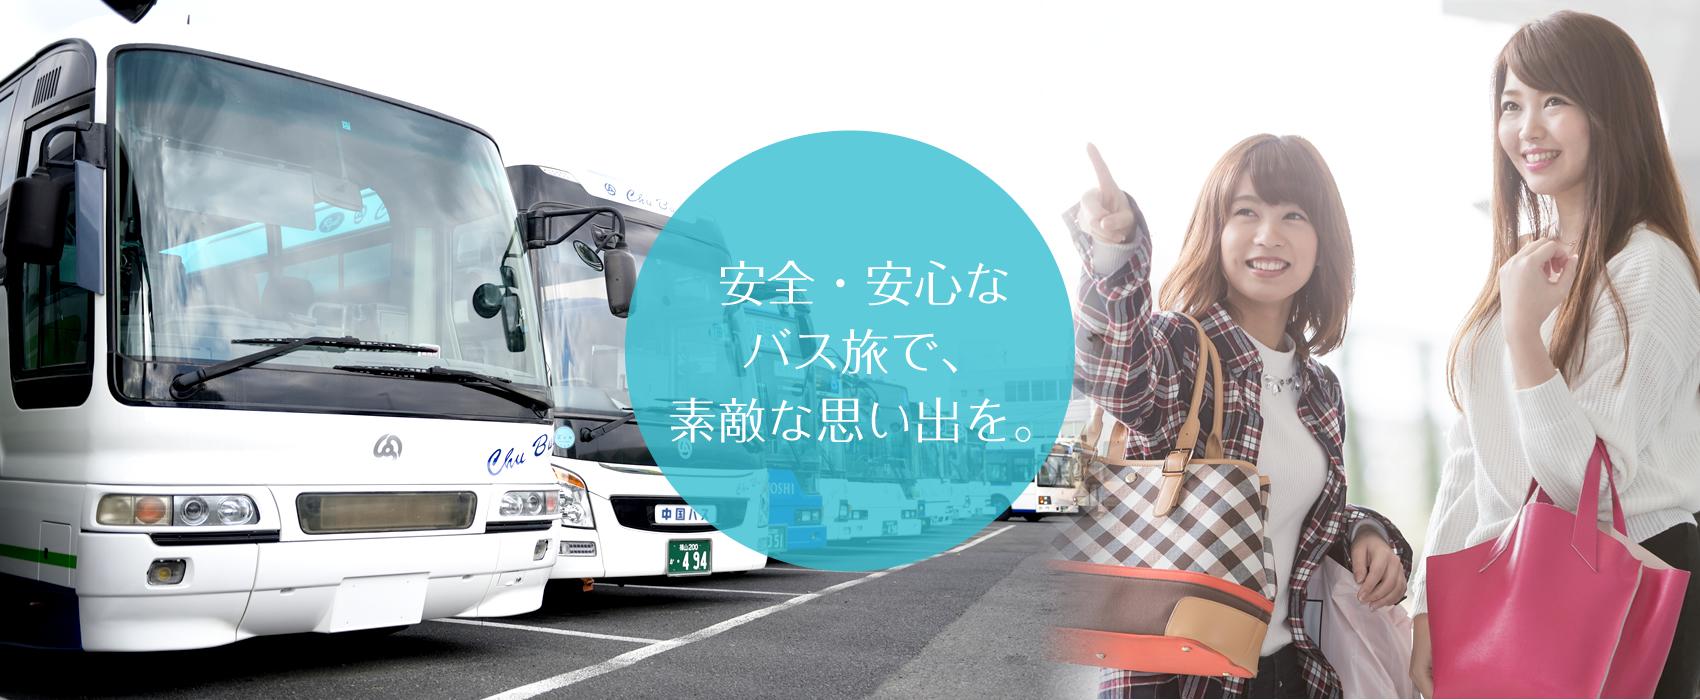 メイン画像:安全・安心なバス旅で、素敵な思い出を。